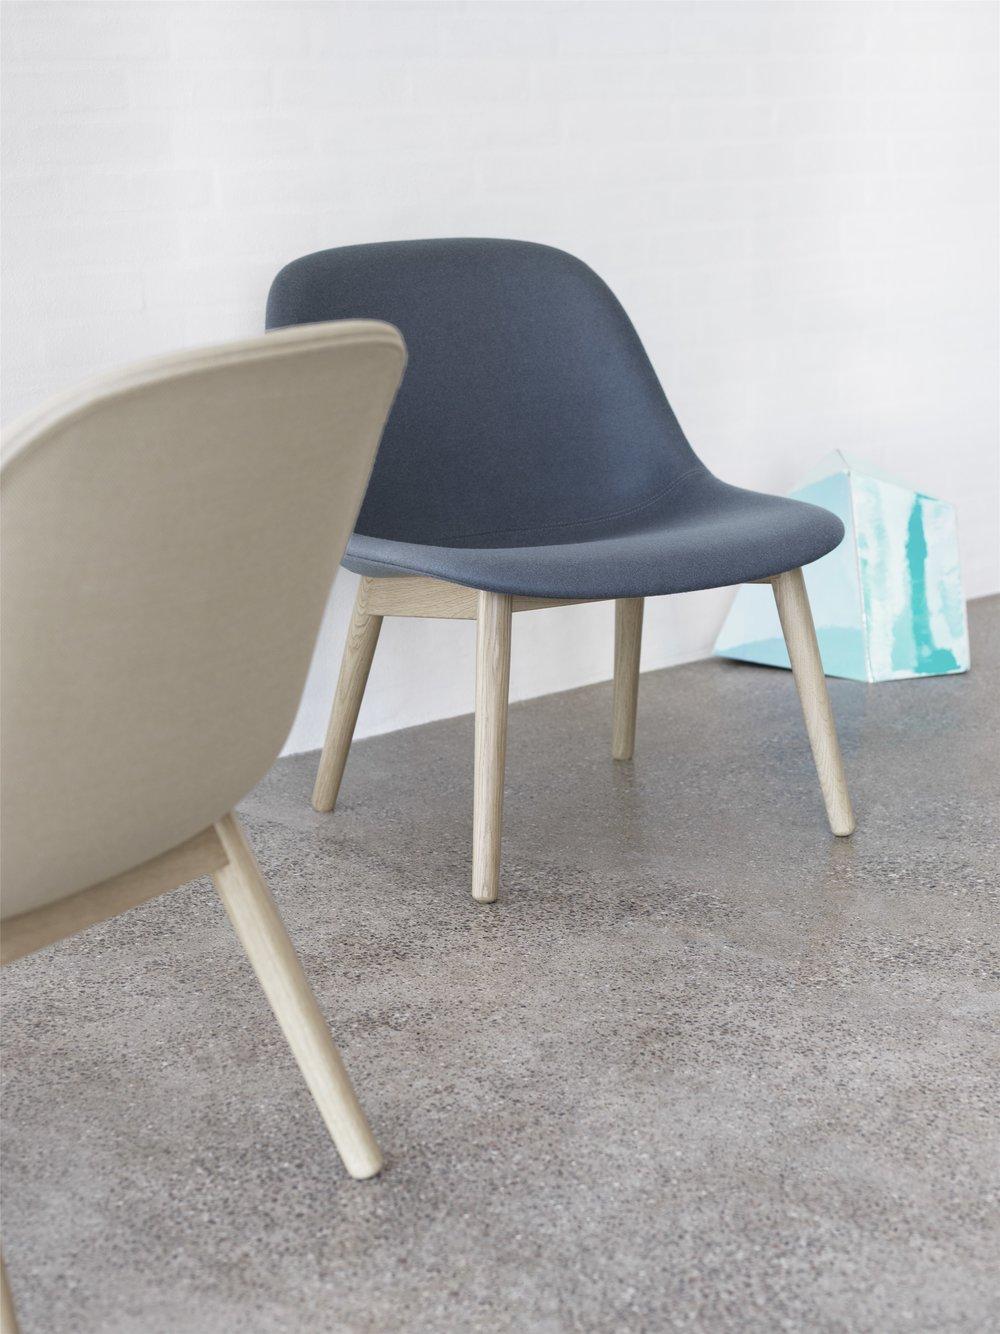 Fiber lounge chair Muuto, modern furniture, scandinavian design, interiors 1.jpg